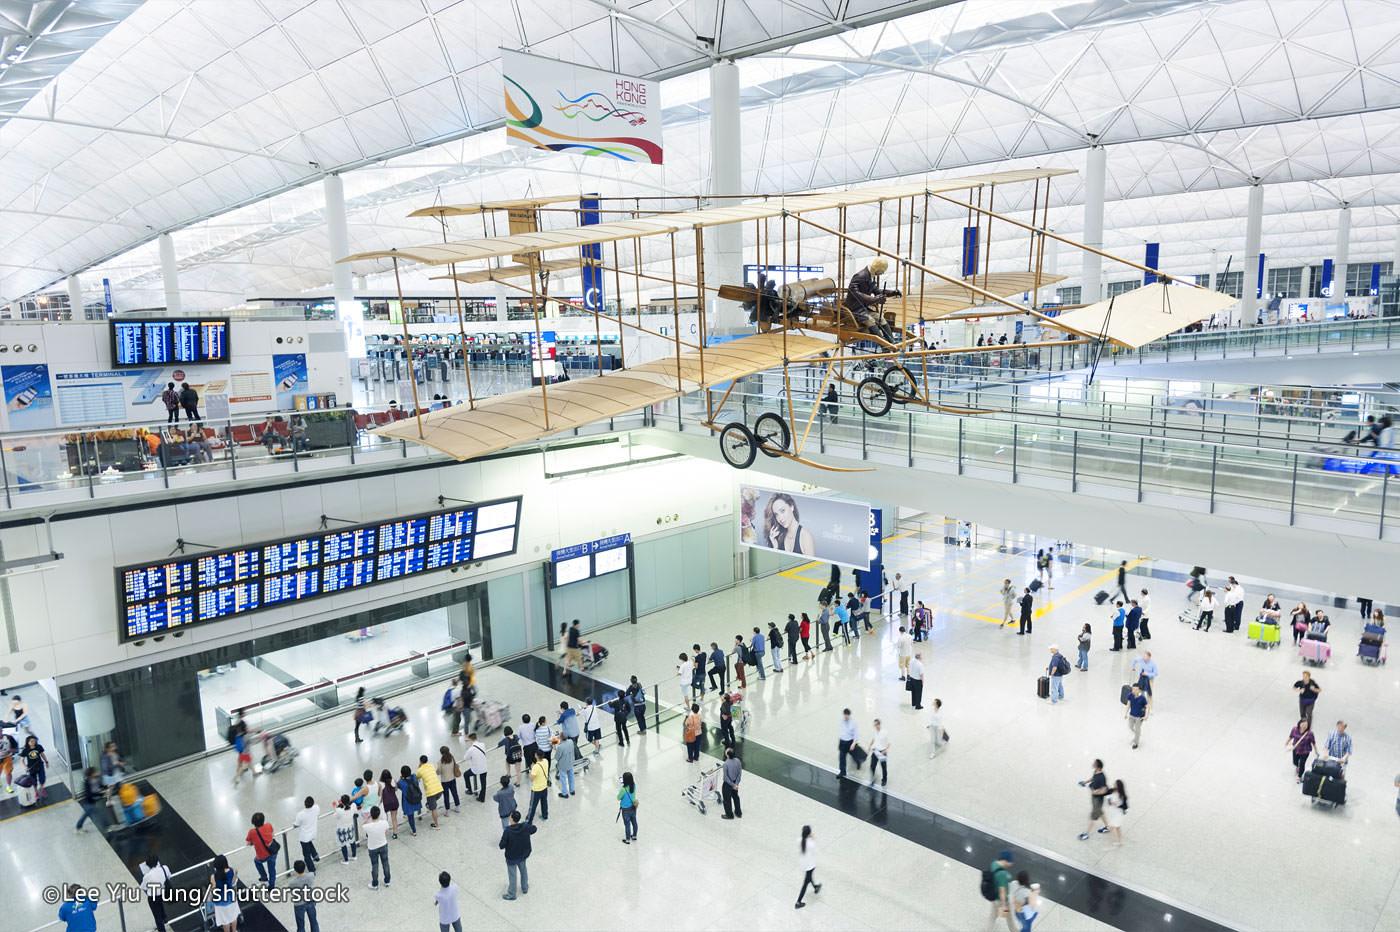 جاذبه های گردشگری و دیدنی فرودگاه هنگ کنگ